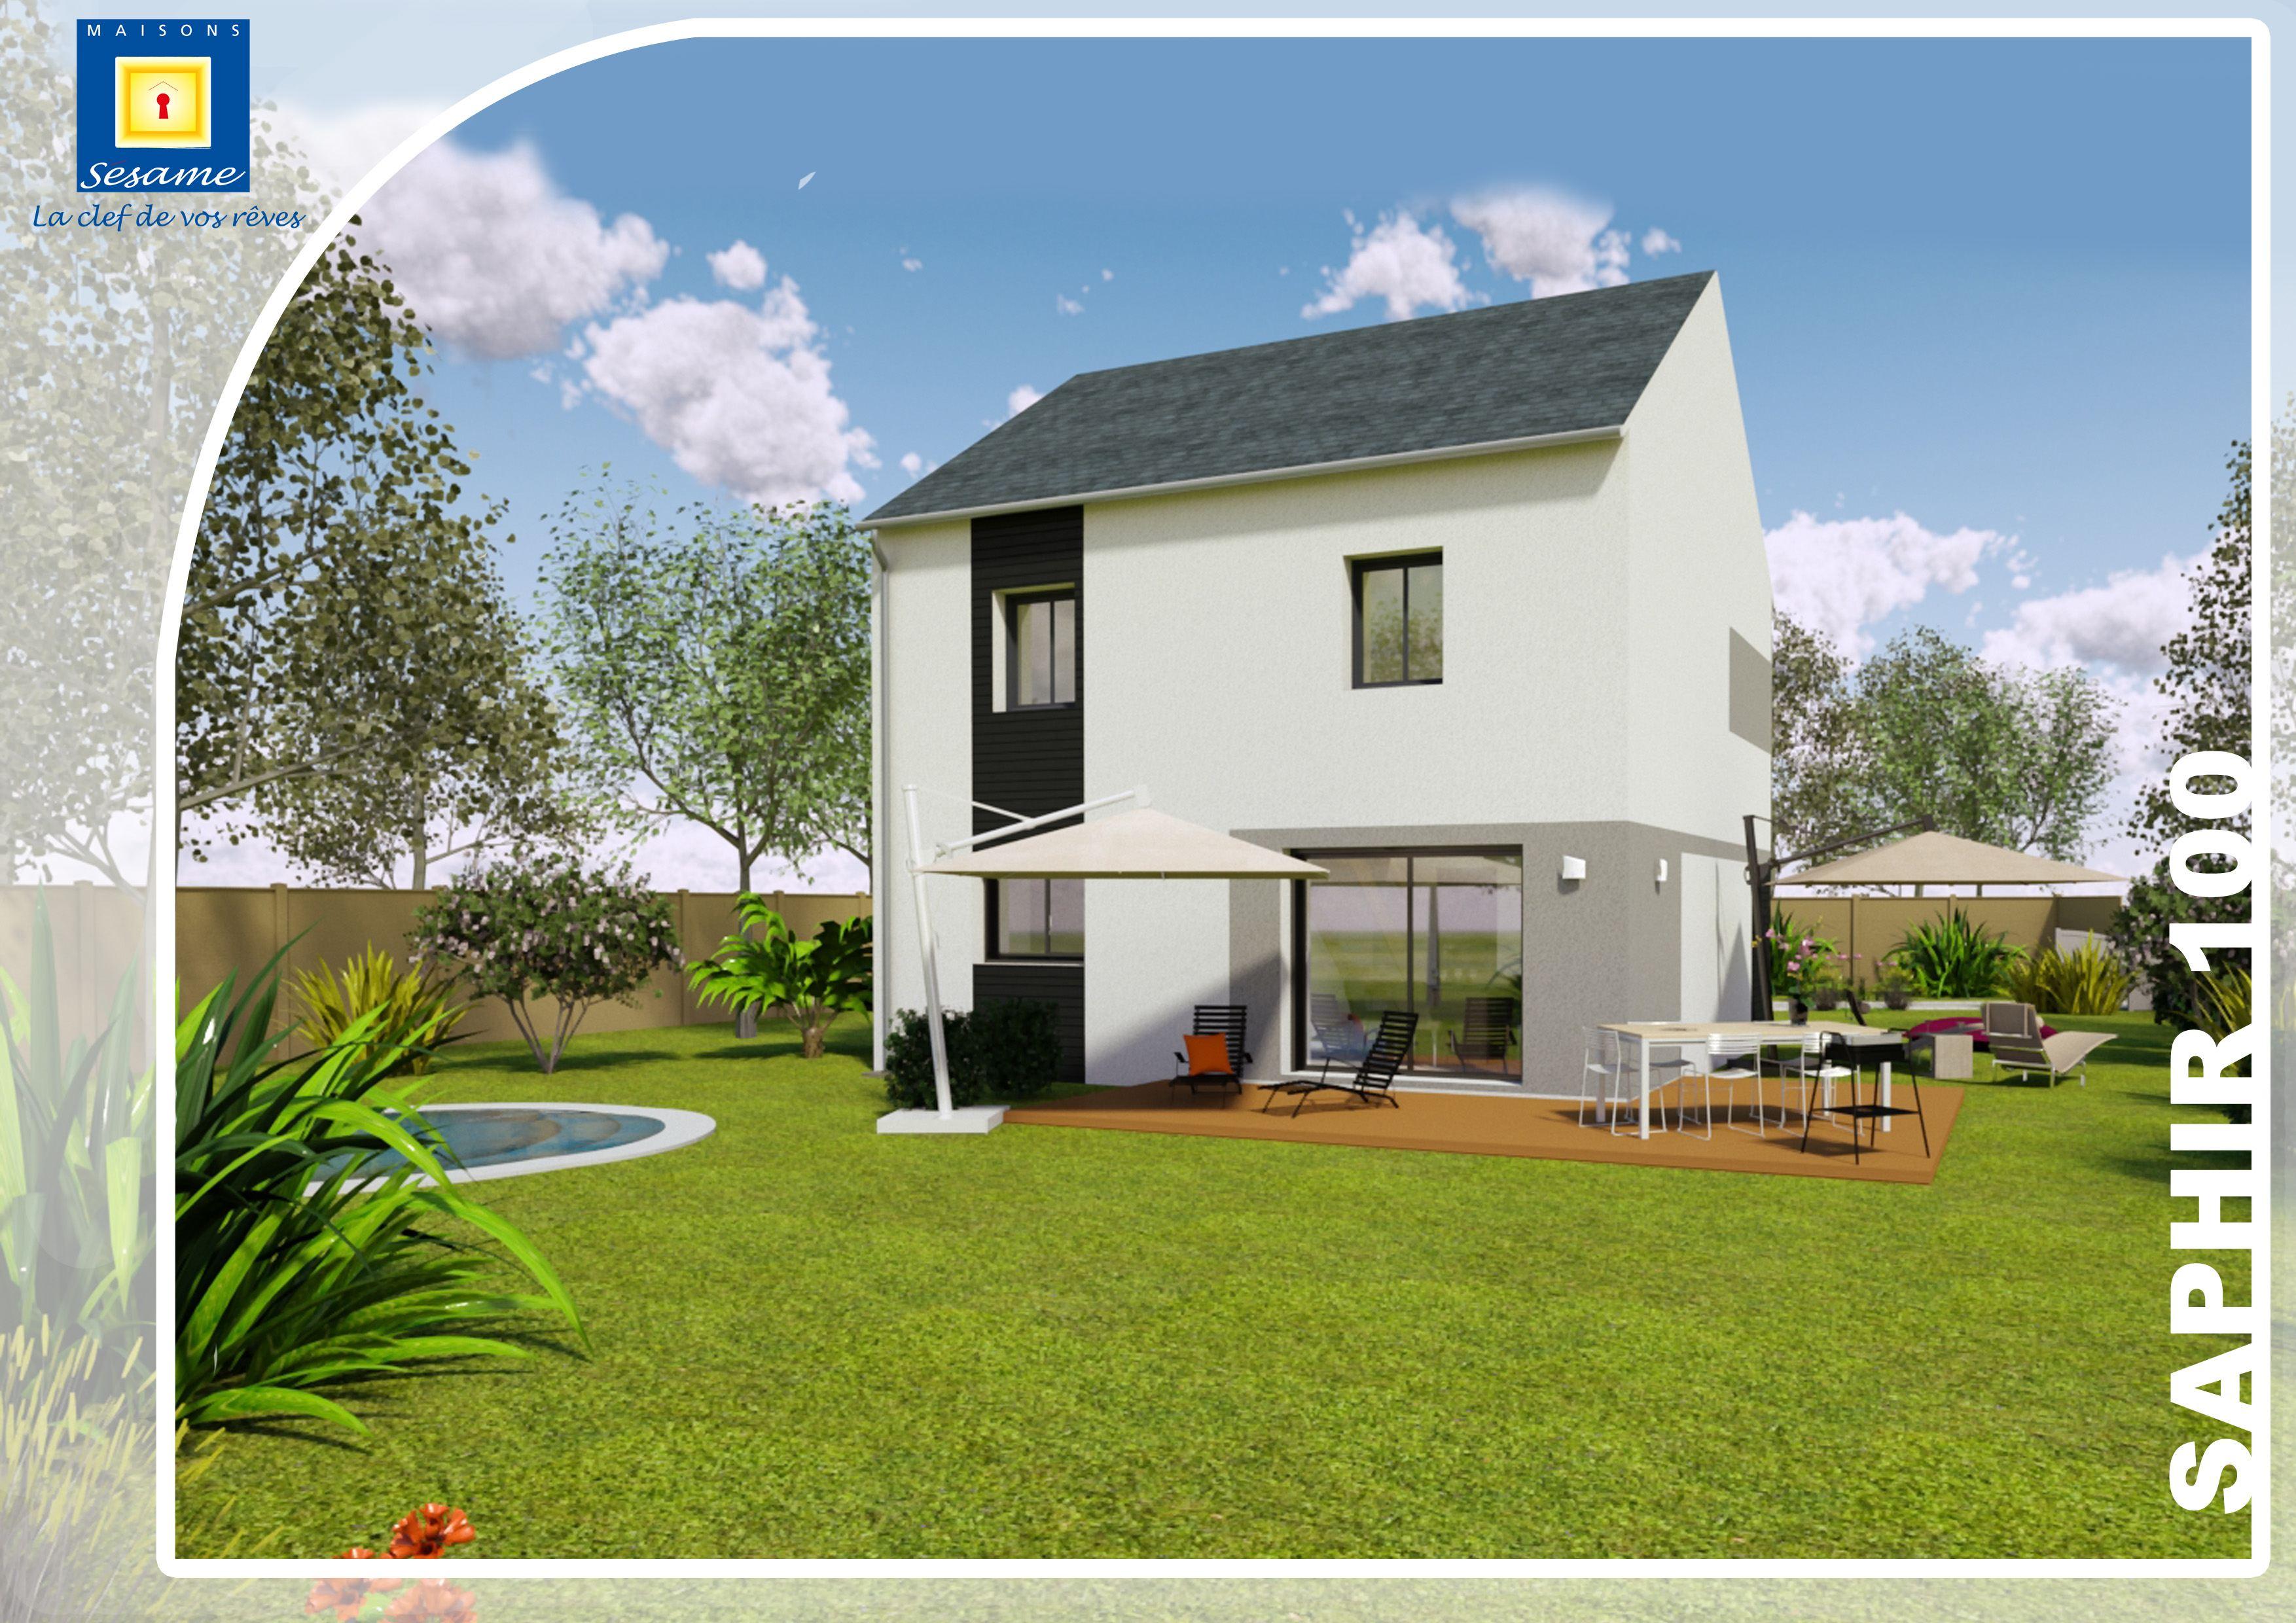 Maisons + Terrains du constructeur COFIDIM MAISONS SESAME • 98 m² • VIRY CHATILLON